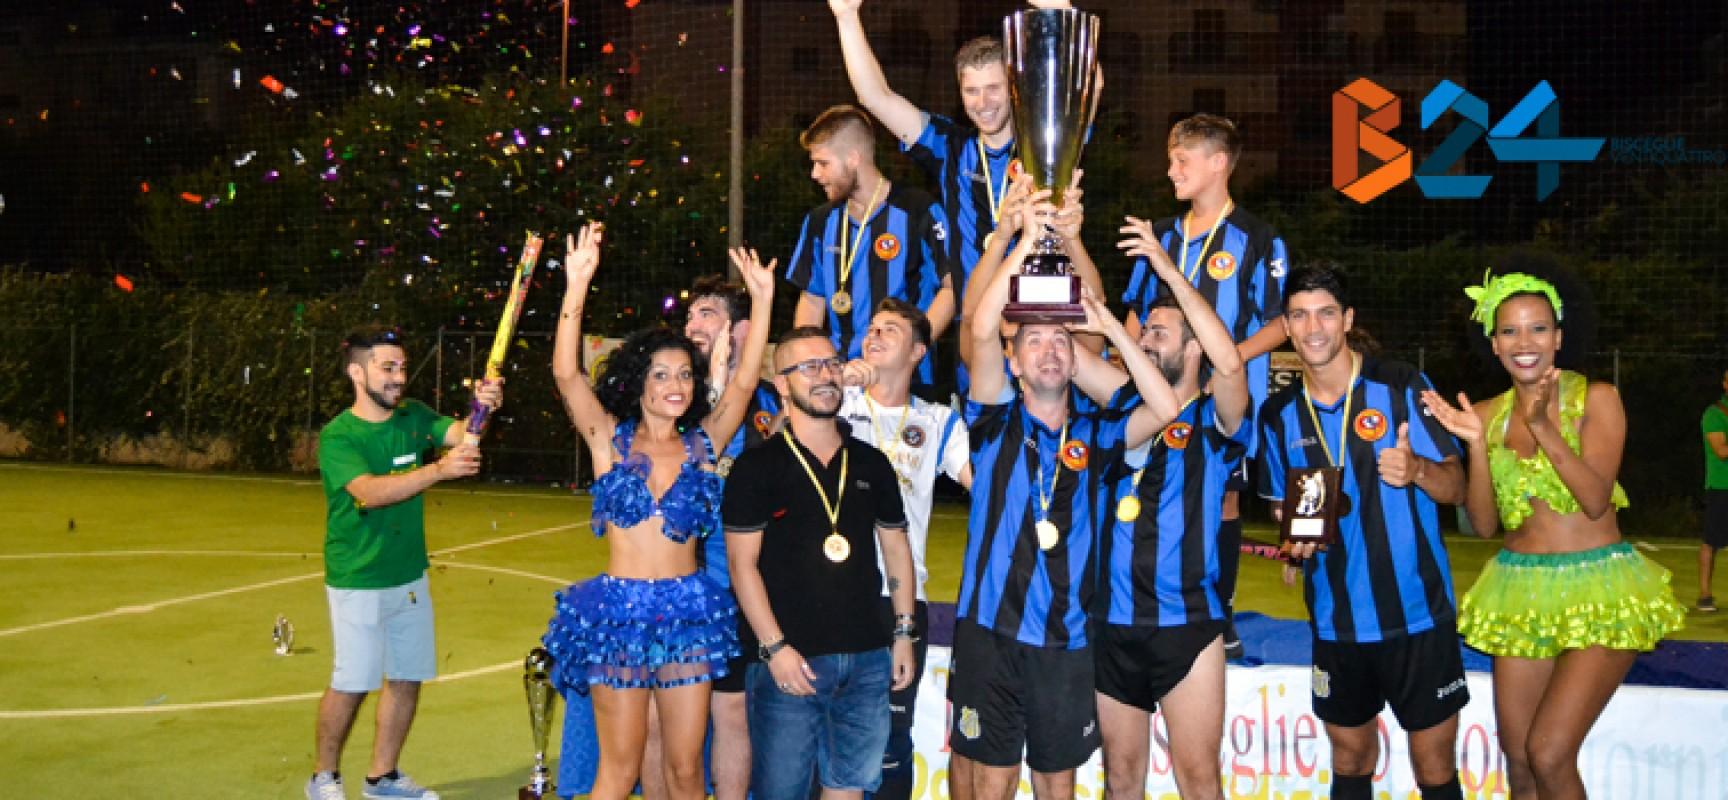 Stasera si gioca la finalissima del Trofeo Bisceglie24 tra Bunker Cantera e Città Mercato